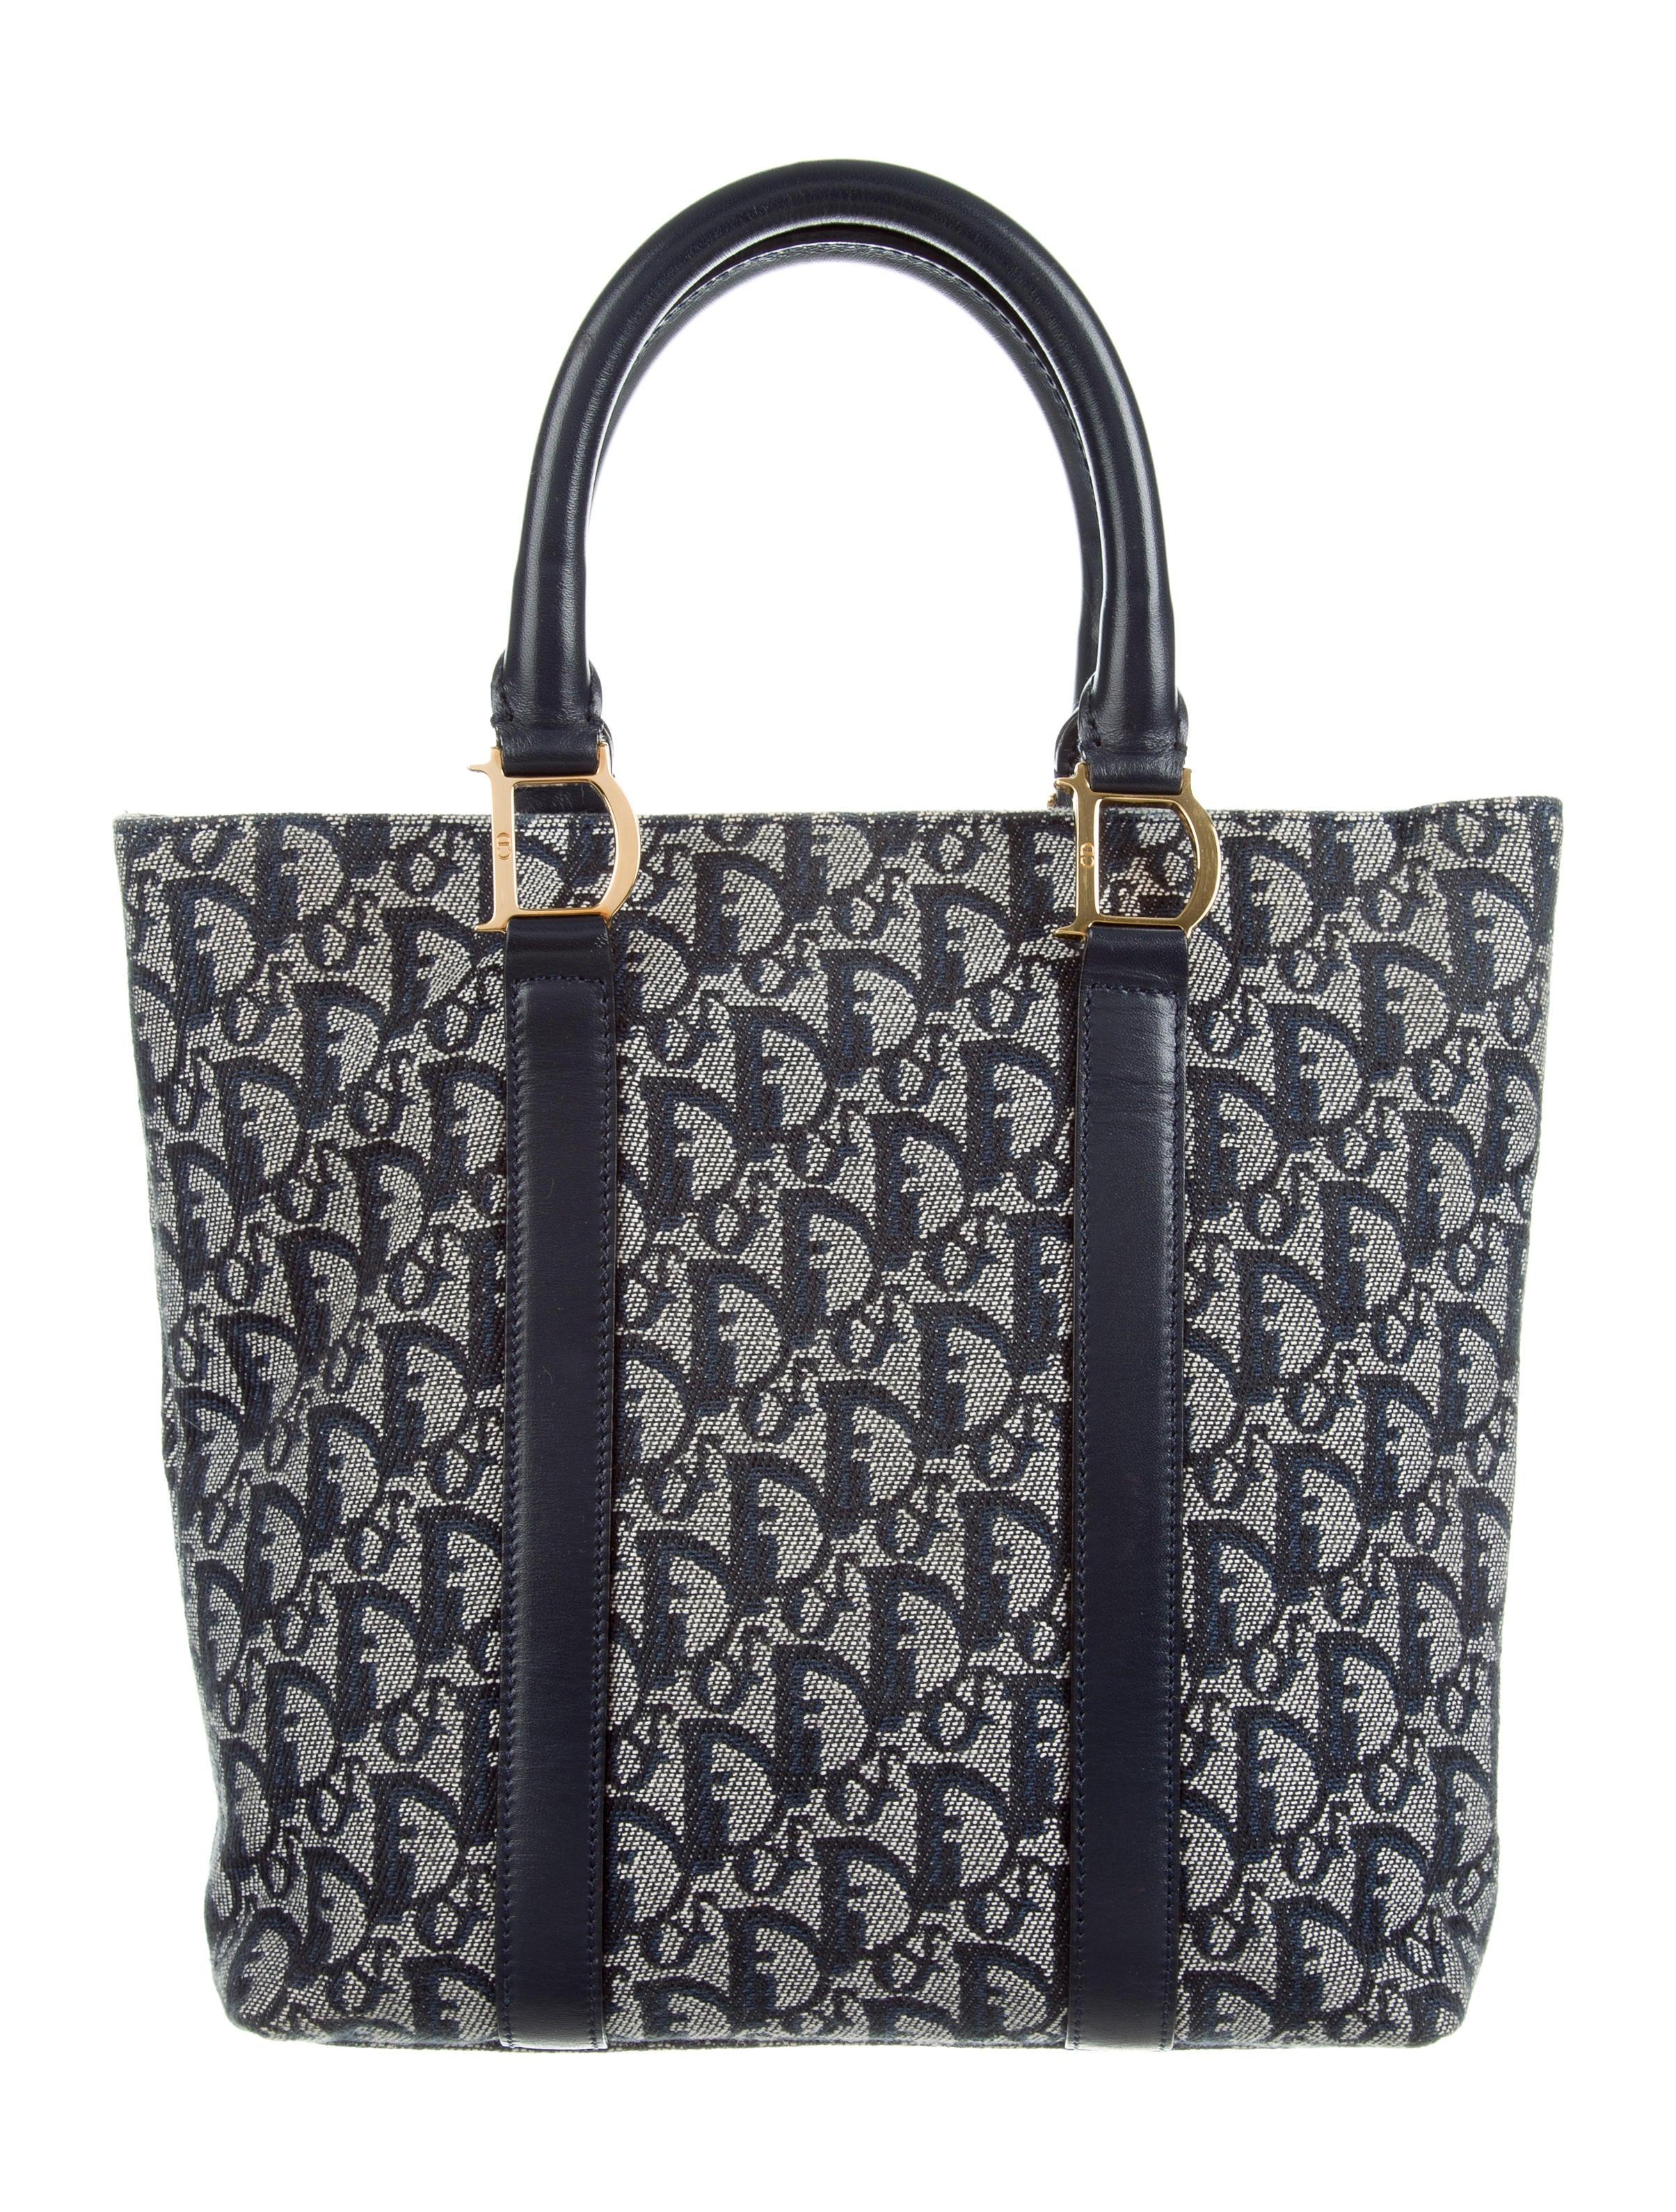 Christian Dior Jacquard Diorissimo Tote - Handbags - CHR60127  1088409da35c2